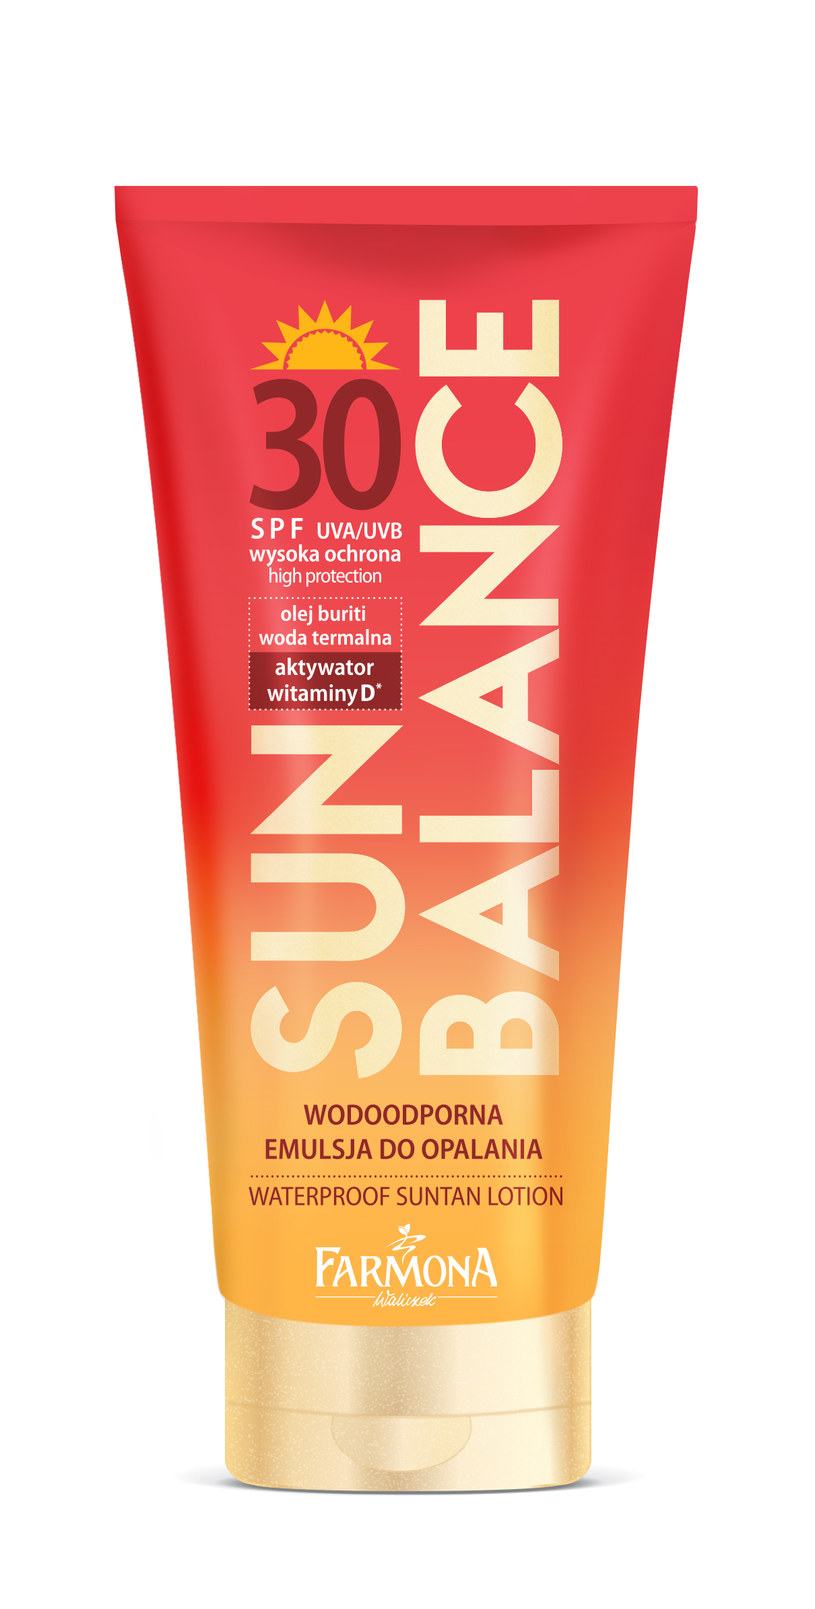 Bezpieczne opalanie z Sun Balance /INTERIA.PL/materiały prasowe